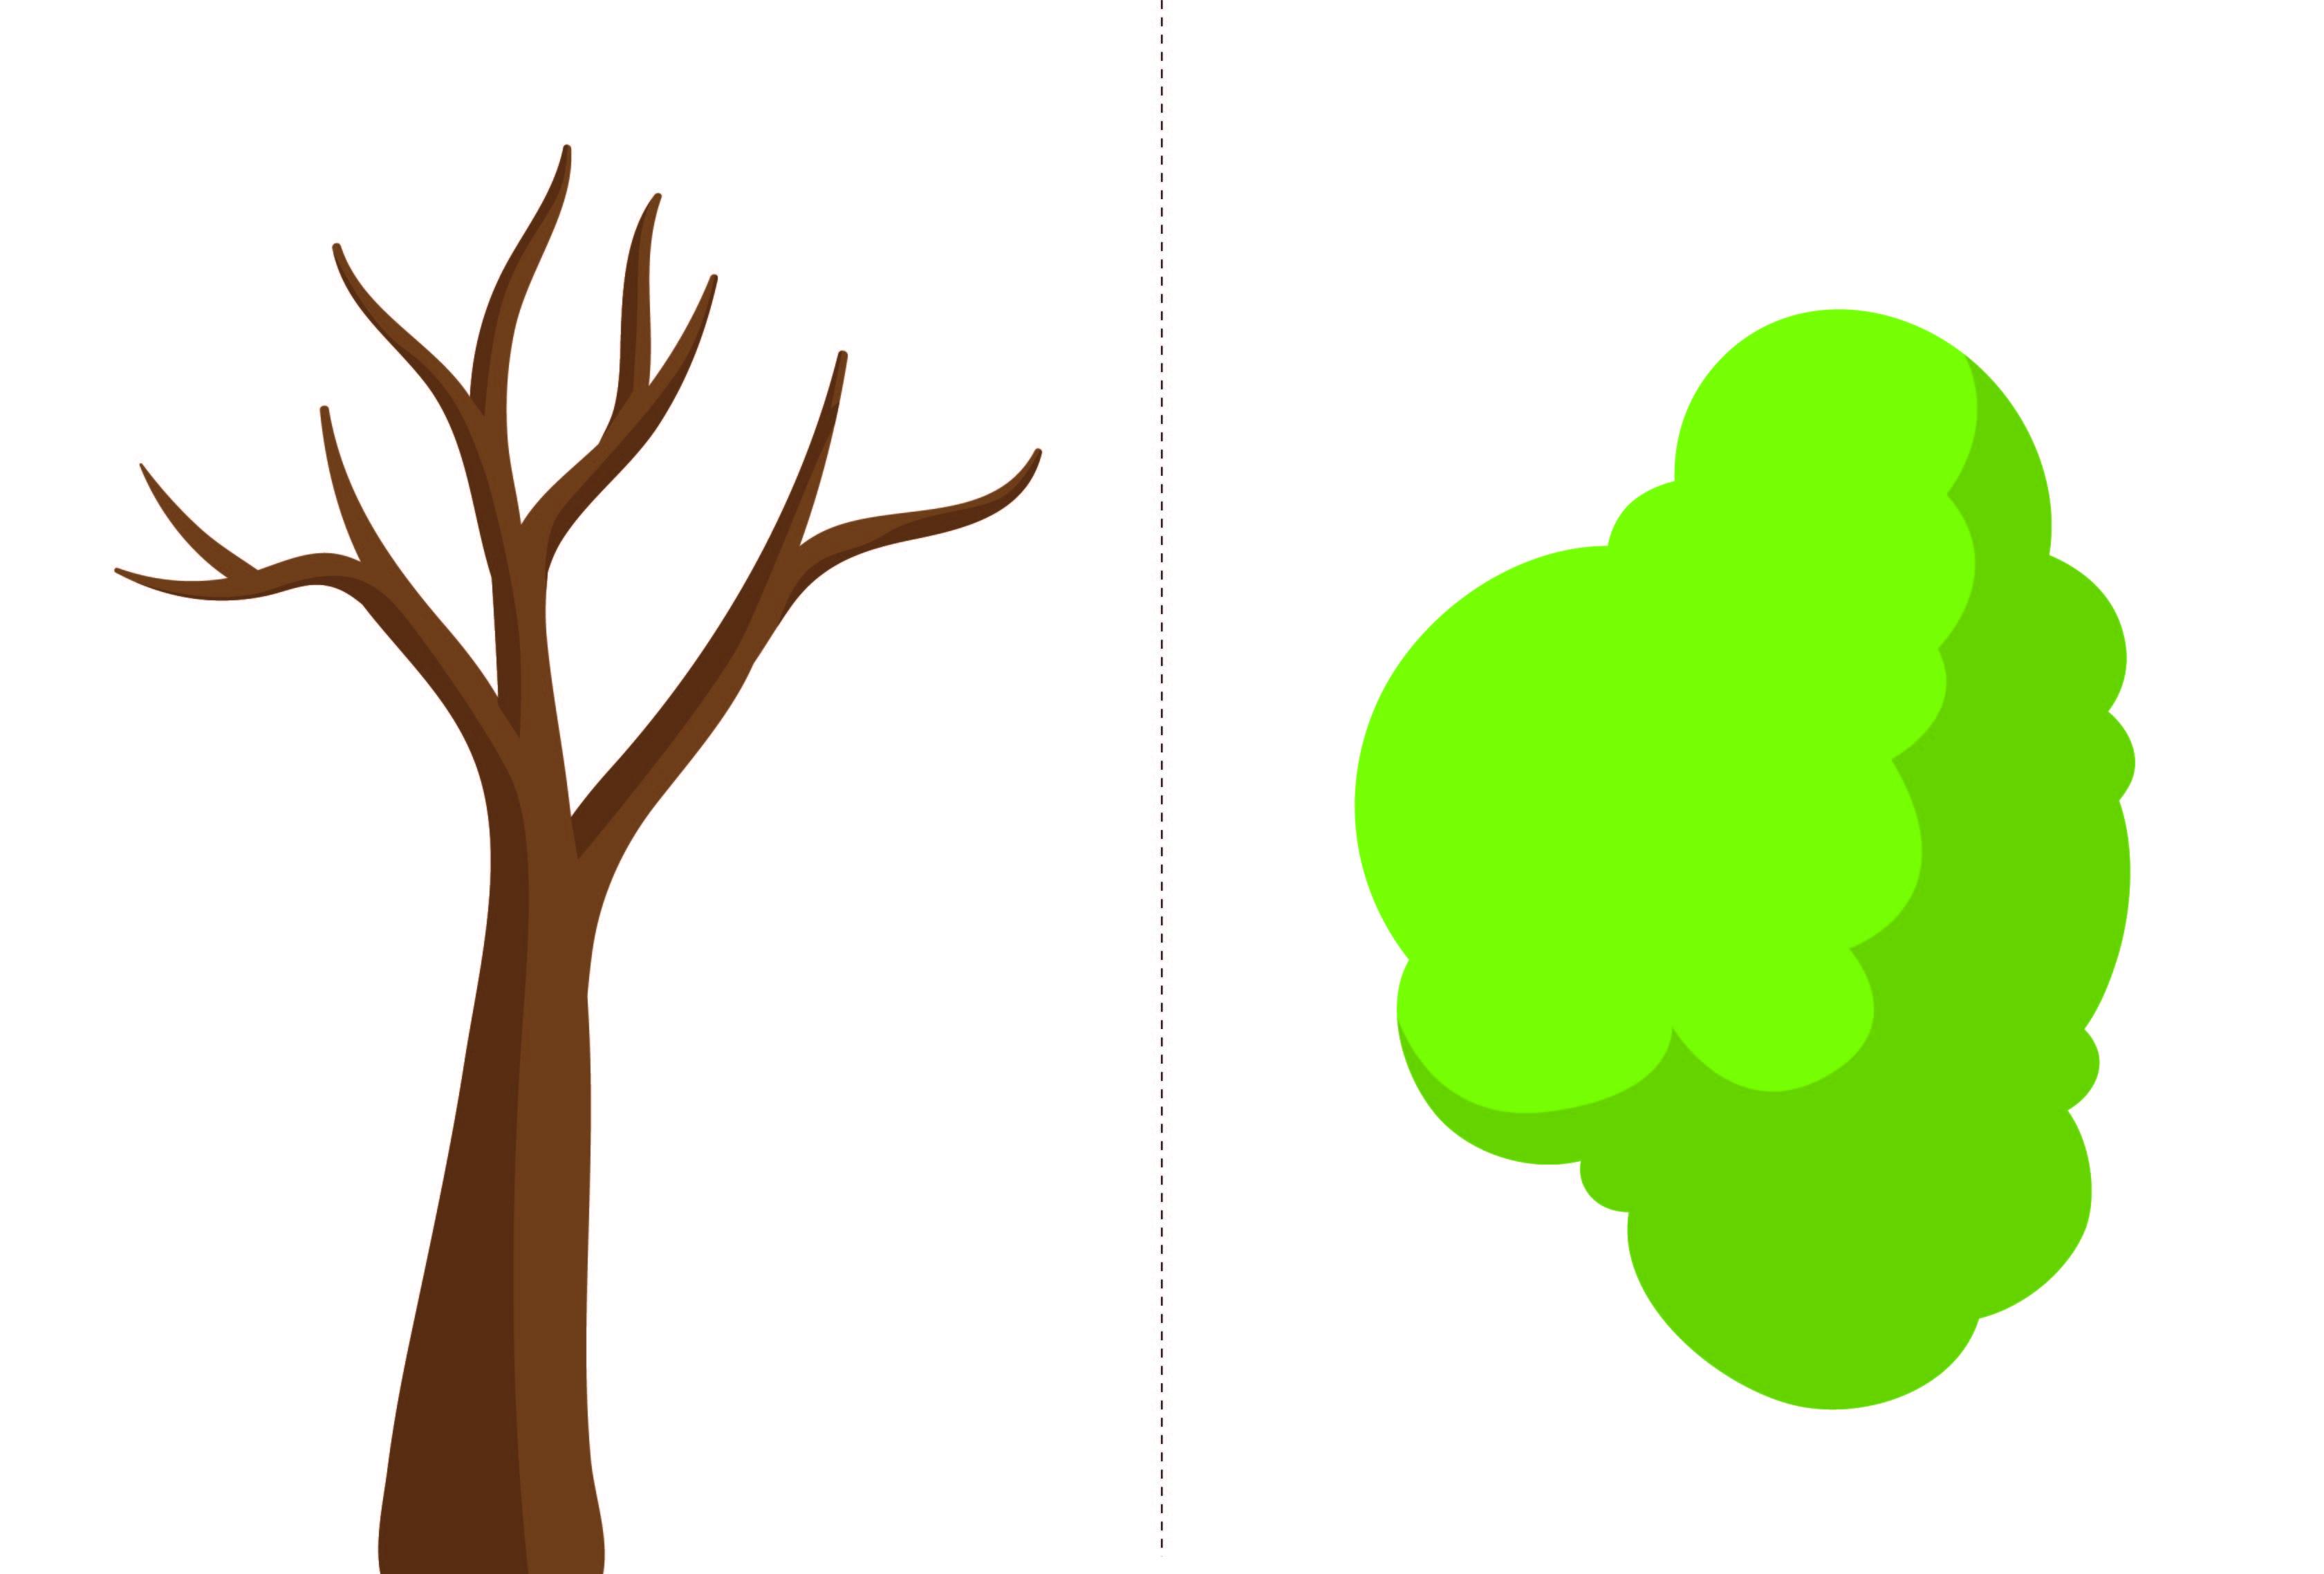 Apple Tree Template Printable